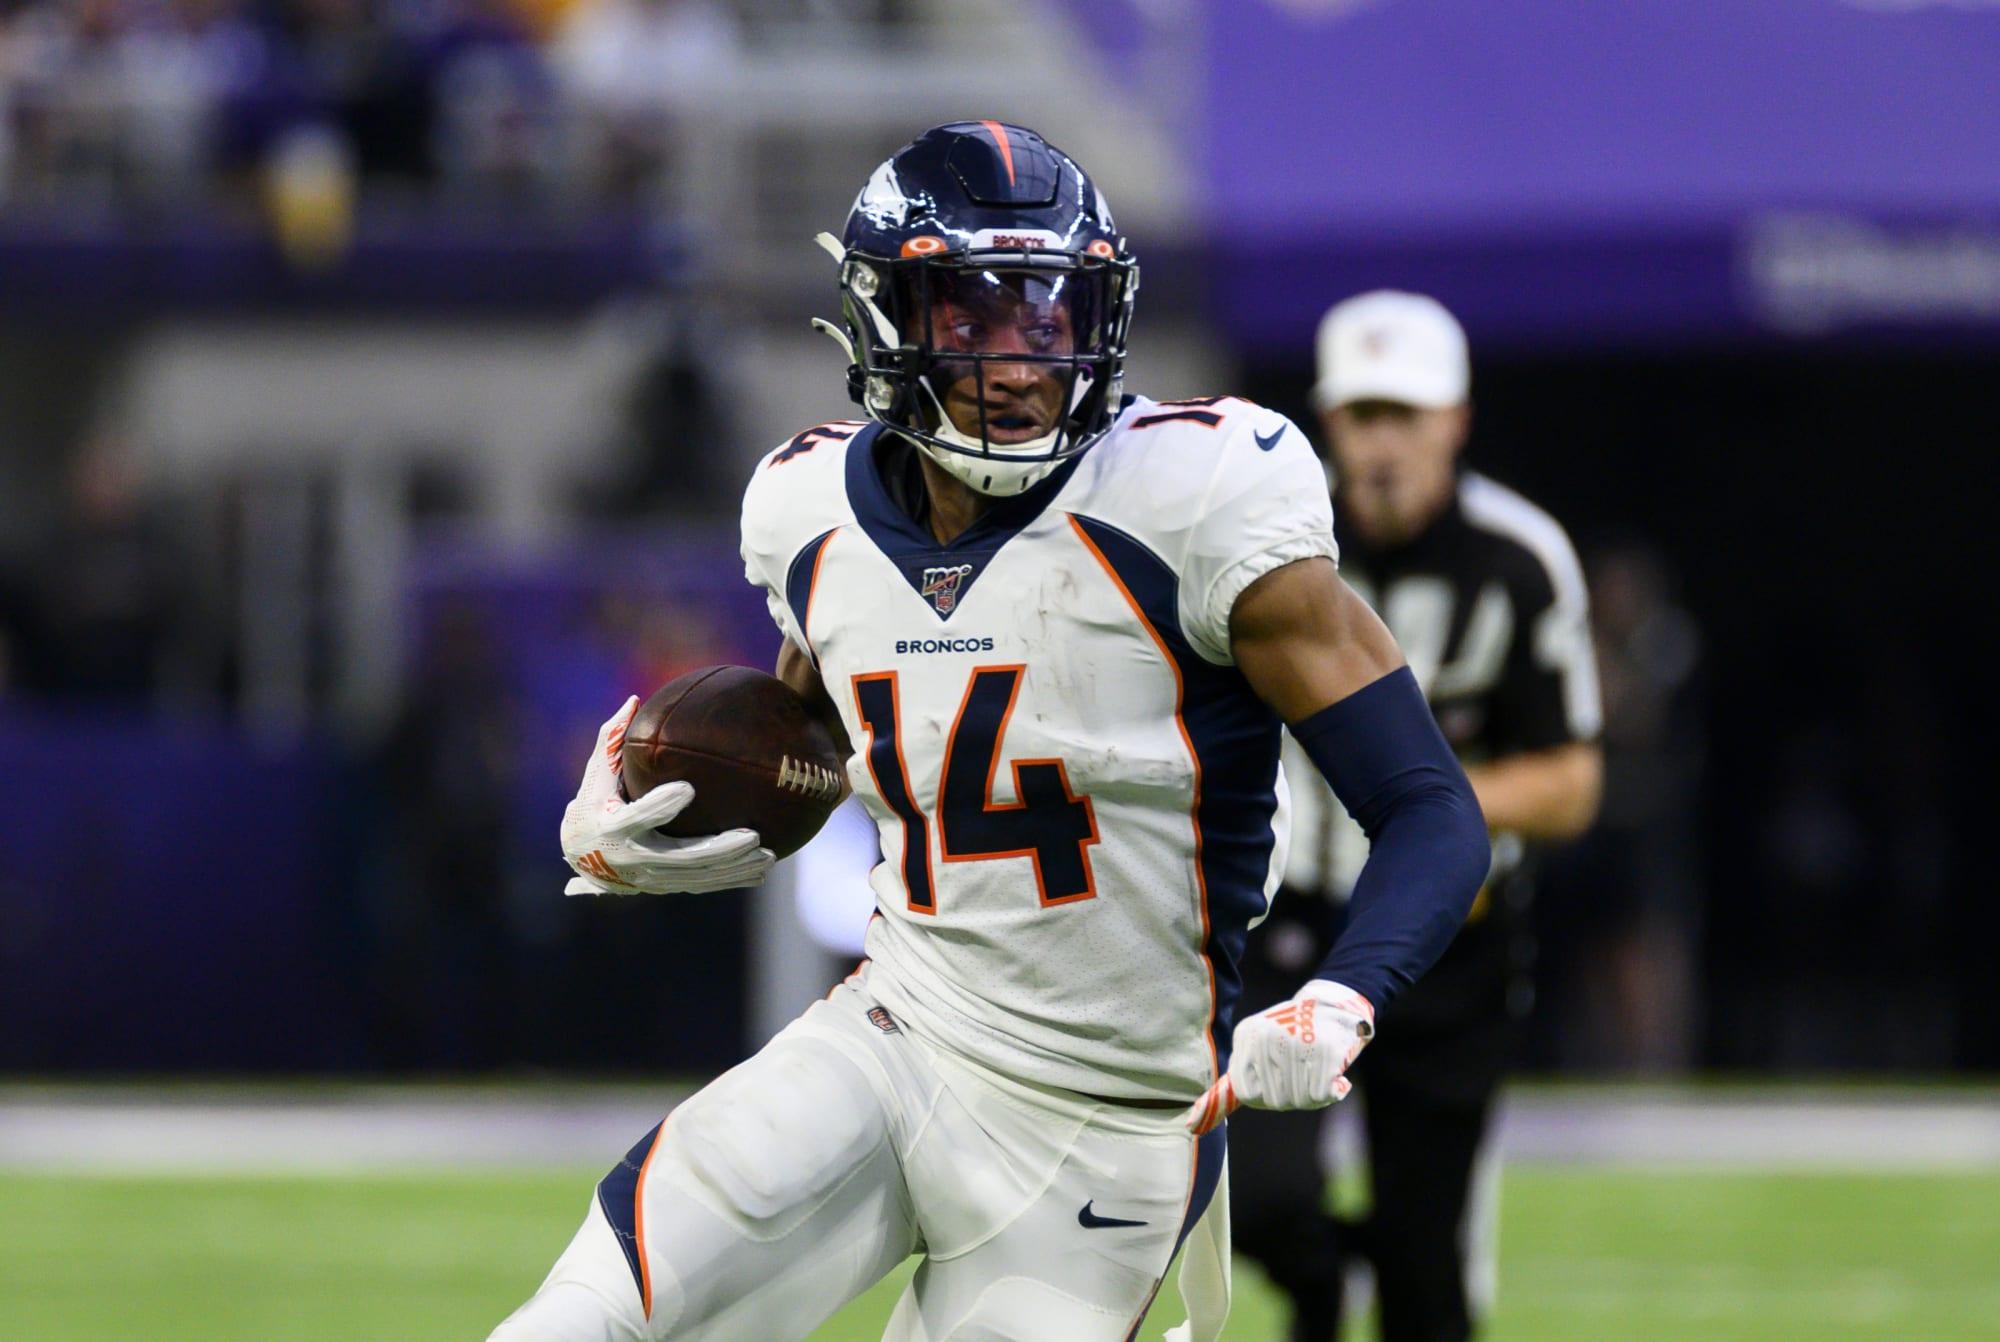 Denver Broncos wide receiver room could be the NFL's best